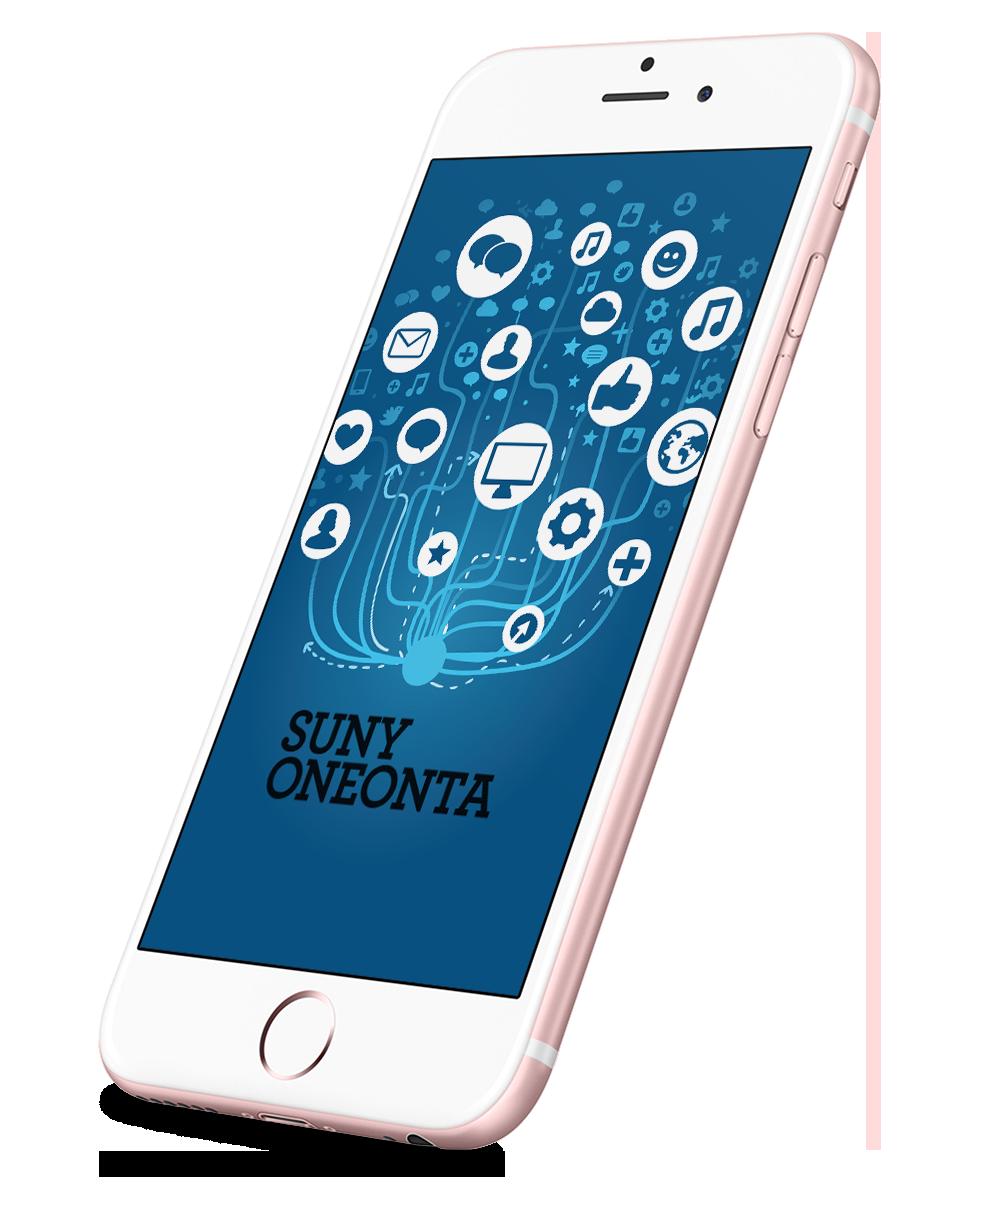 suny-oneonta